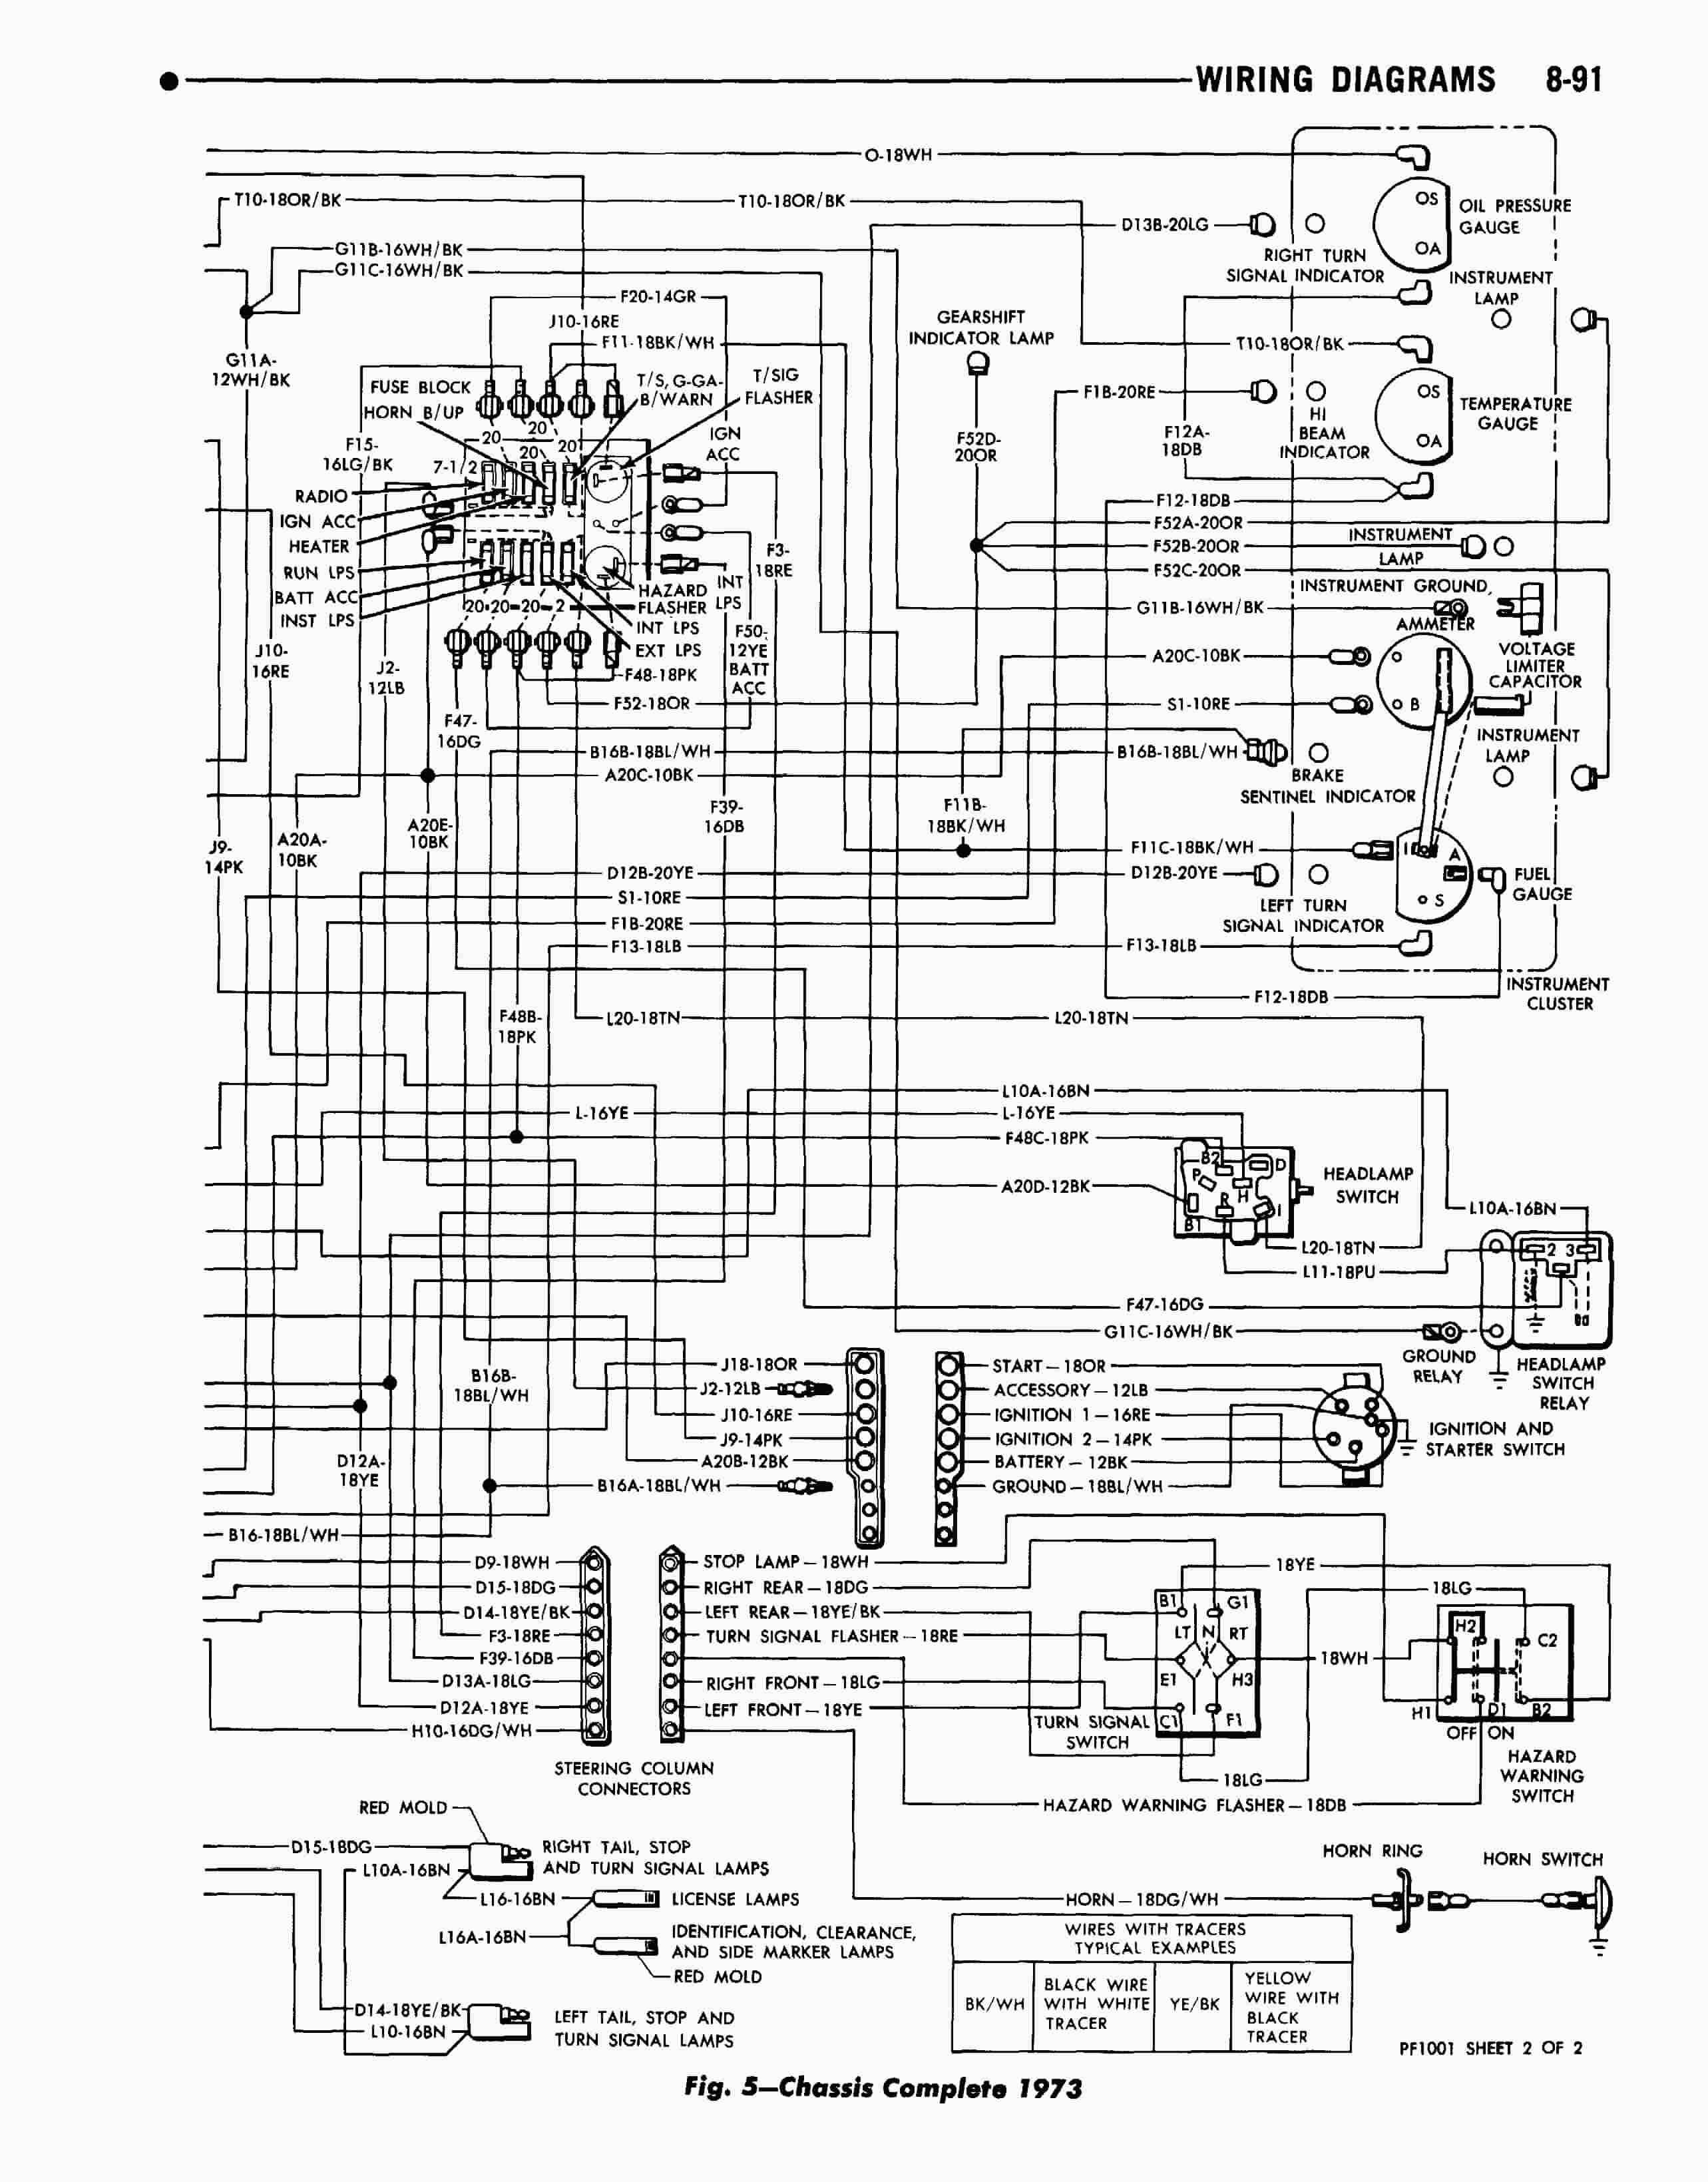 2006 Holiday Rambler Wiring Schematics | Wiring Diagram on holiday rambler interior, holiday rambler suspension, holiday rambler motorhomes, holiday rambler fender skirts, holiday rambler specifications, holiday rambler parts, holiday rambler lights,